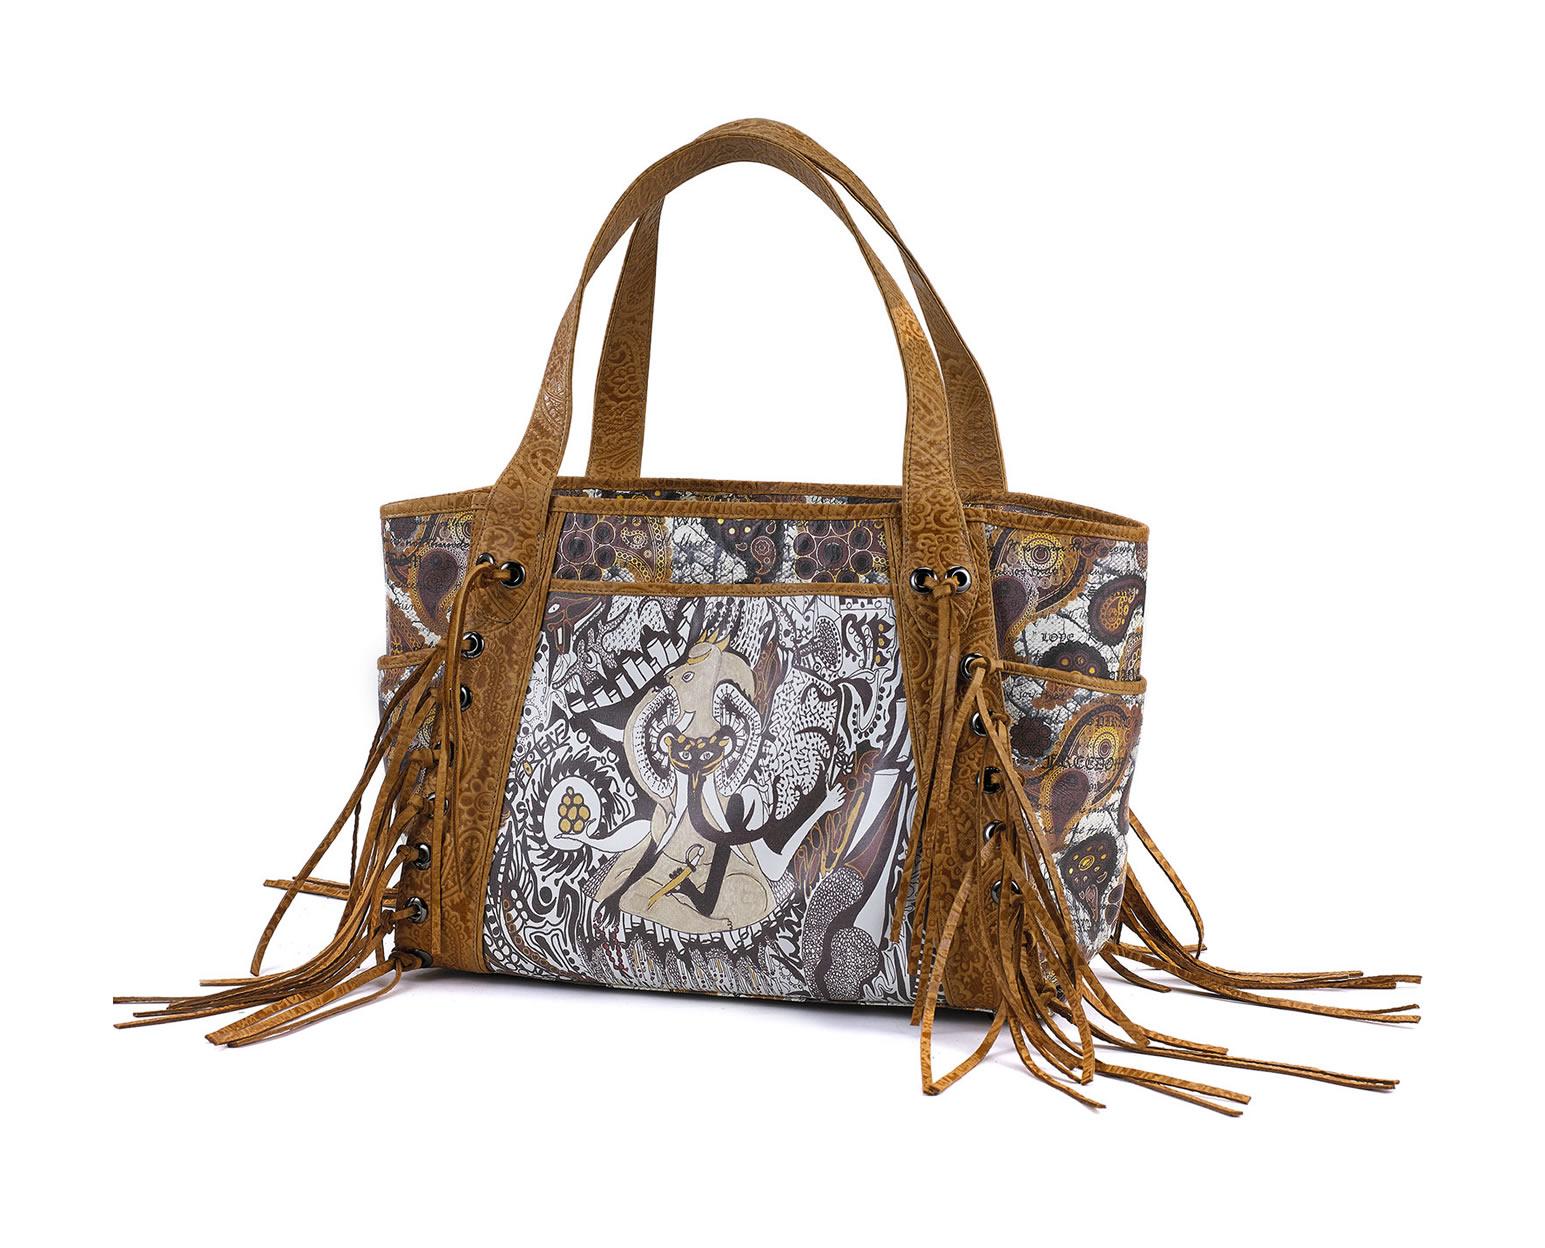 satchel-ganesh Ganesh-Tote-bag handbag